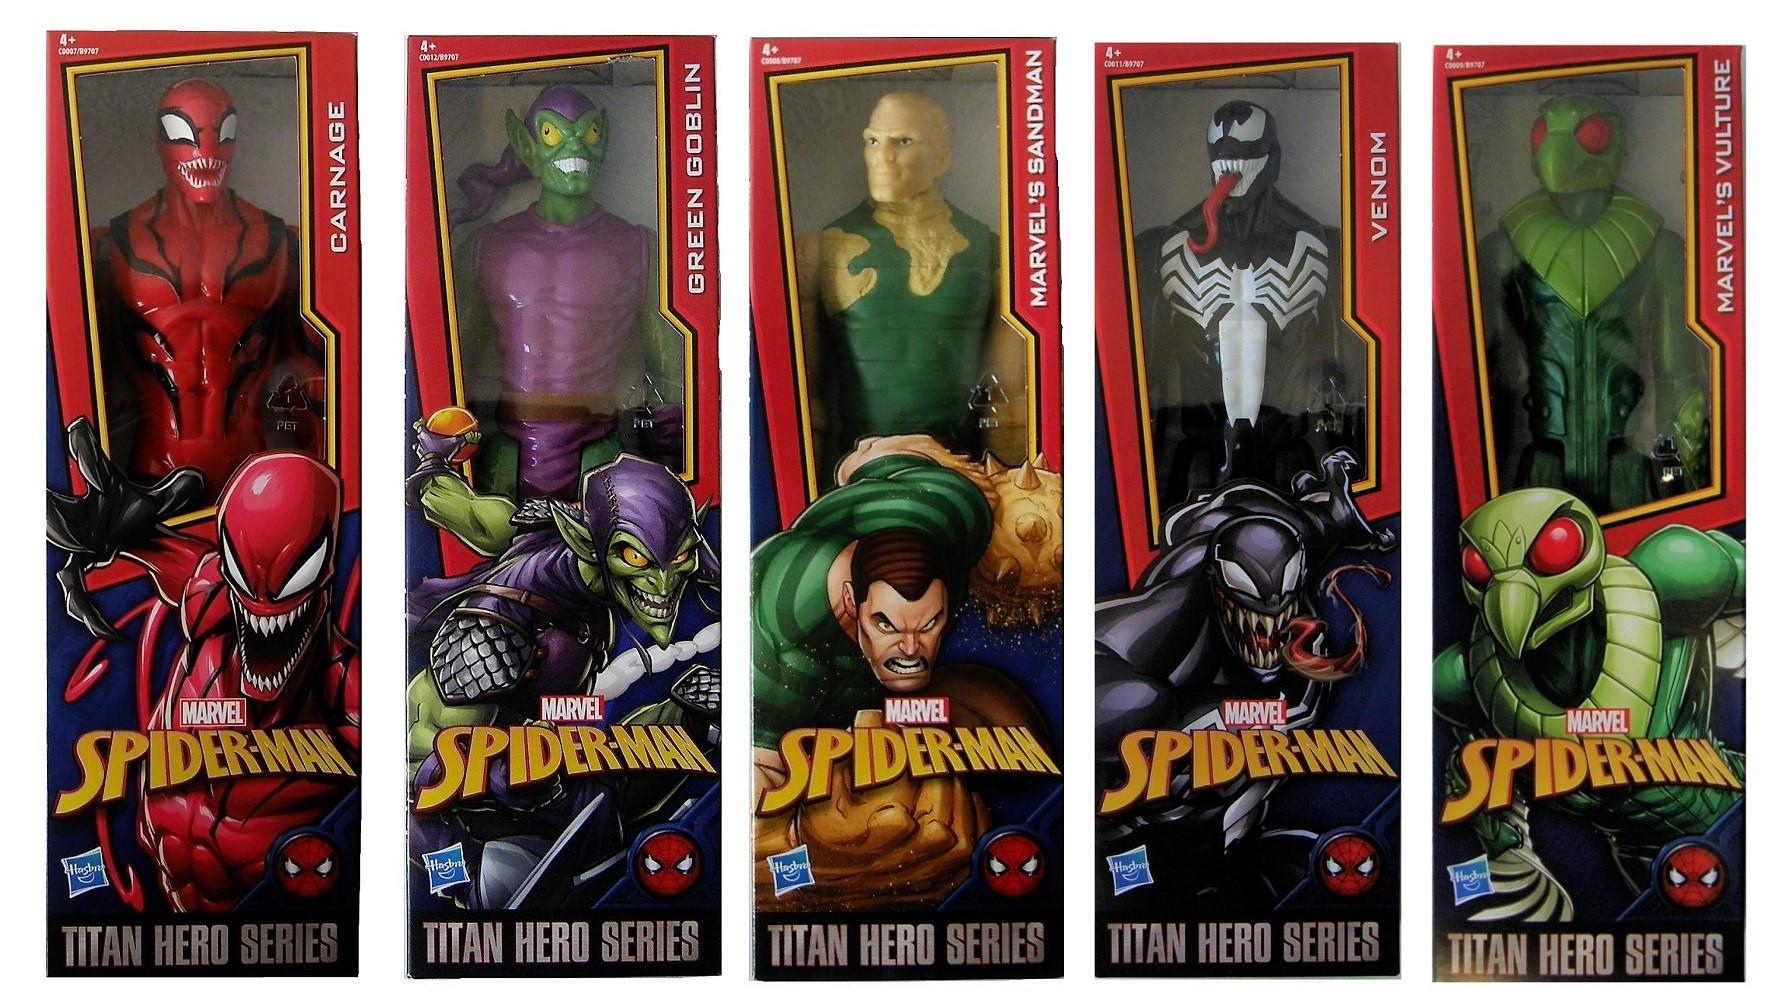 Marvel Actionfiguren Titan Hero Series 30 cm (Auswahl)